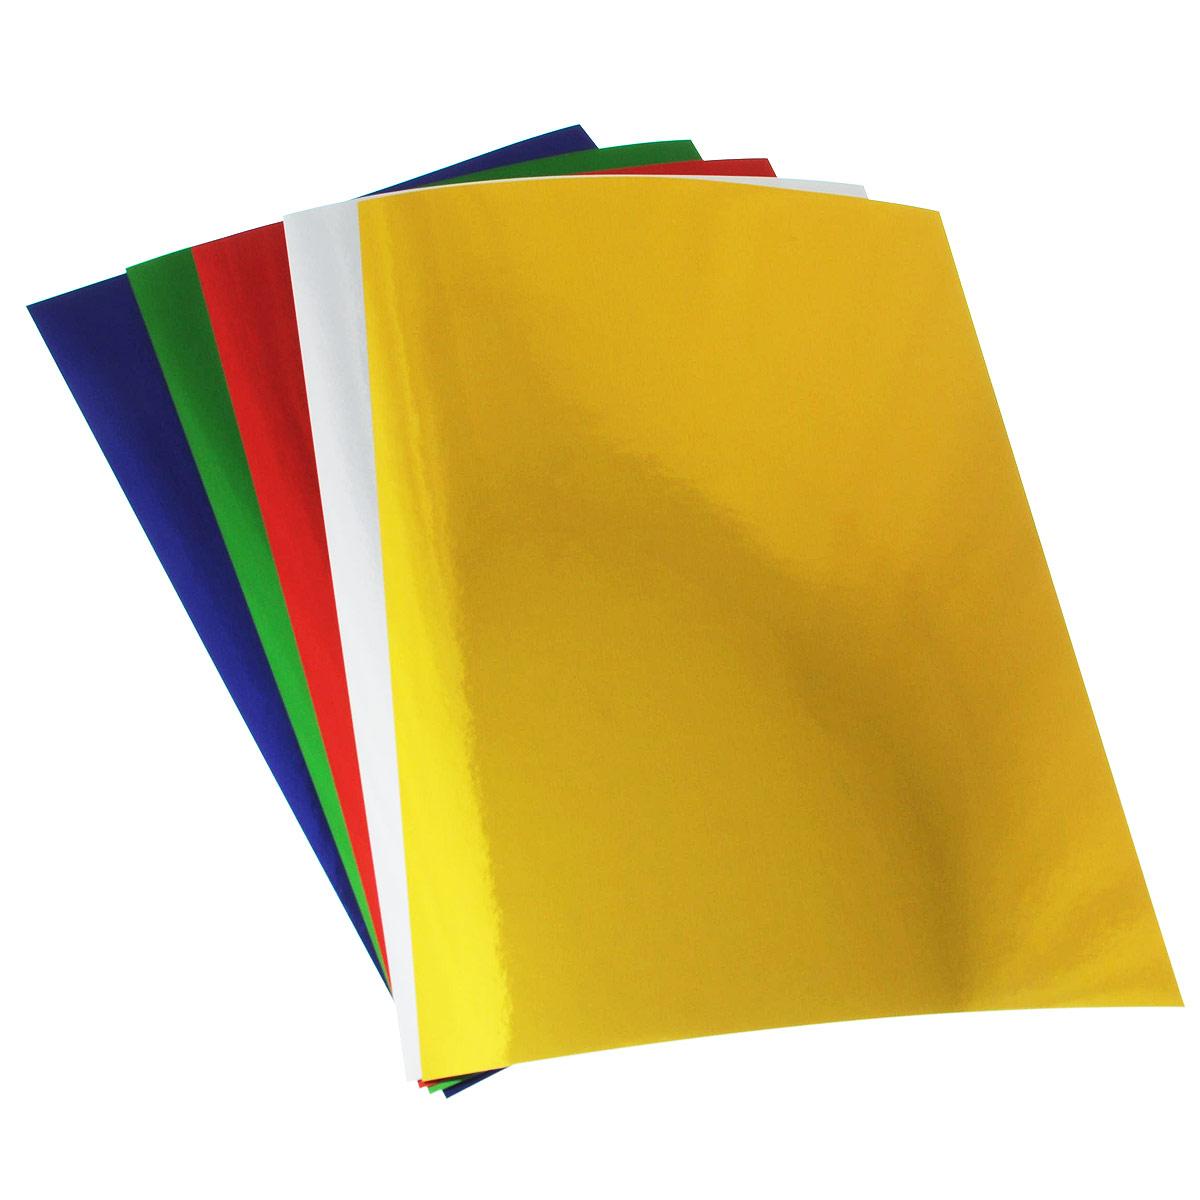 Цветной металлизированный картон Hatber Пейзаж позволит вашему ребенку создавать всевозможные аппликации и поделки. Набор состоит из пяти листов картона зеленого, красного, синего, серебристого и золотистого цветов. Картон упакован в картонную папку, оформленную рисунком с изображением природы. Создание поделок из цветного картона поможет ребенку в развитии творческих способностей, кроме того, это увлекательный досуг. Рекомендуемый возраст - от 6 лет.